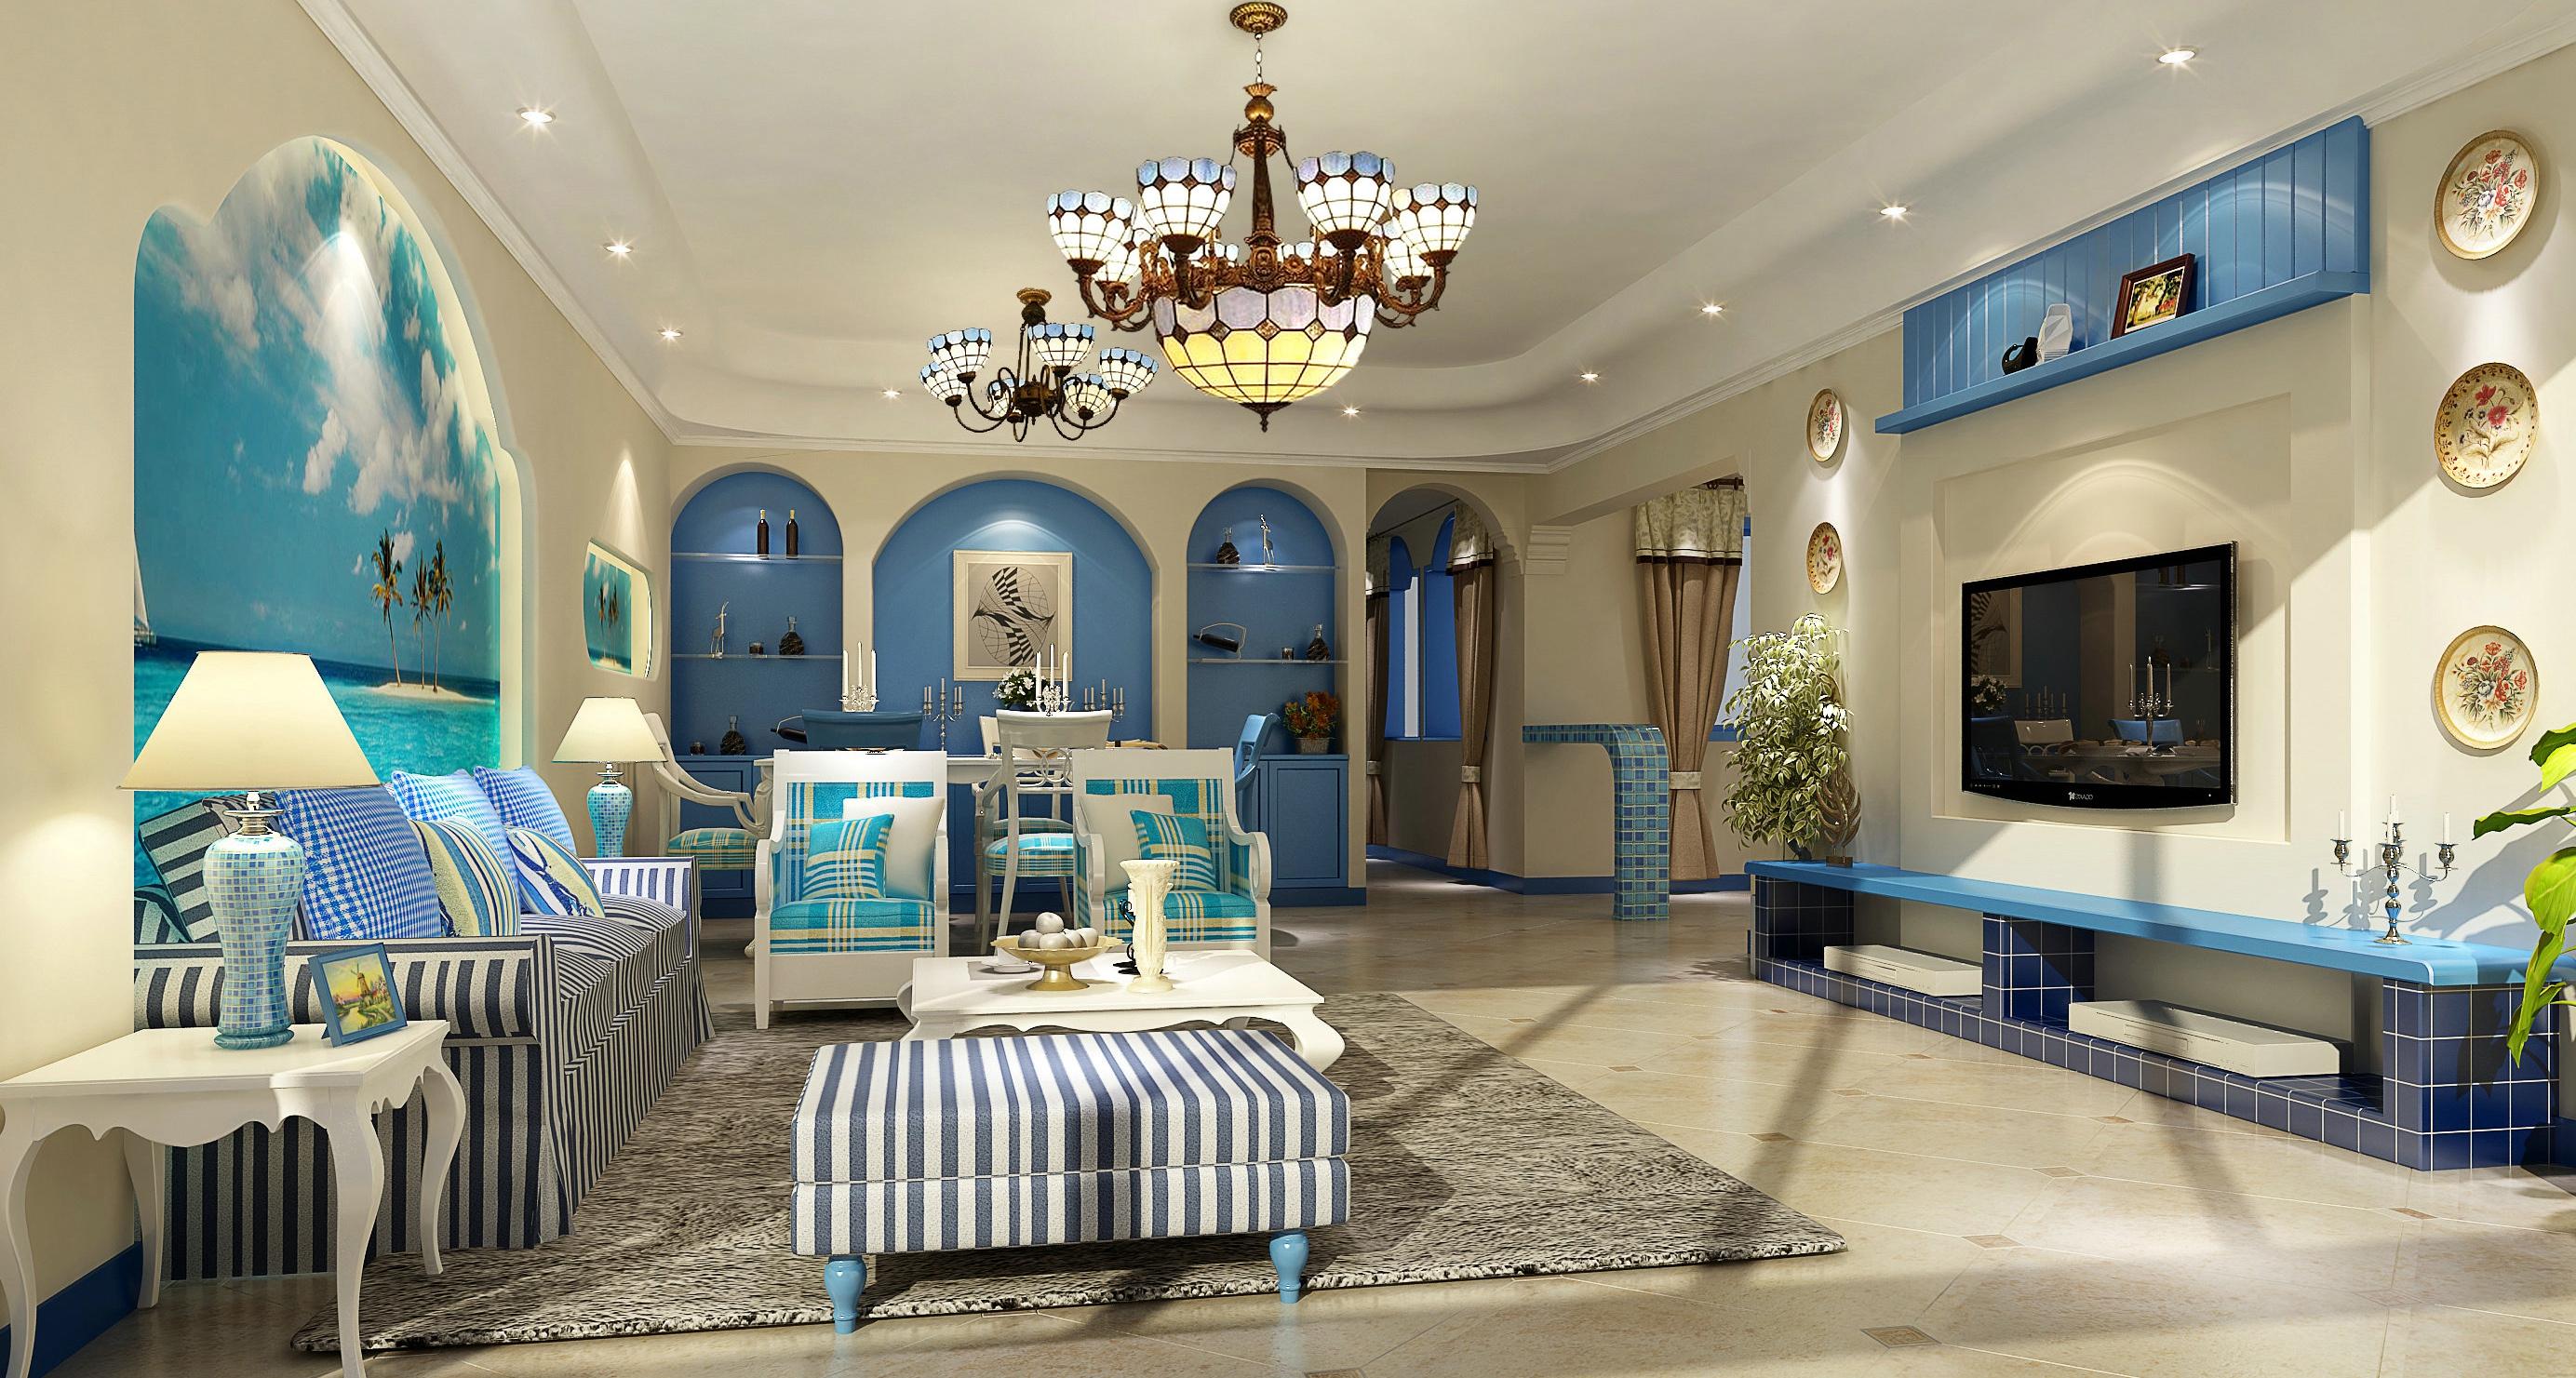 户型图 原始结构图 好易家 装饰 装修 设计 详细尺寸 地中海风格 客厅